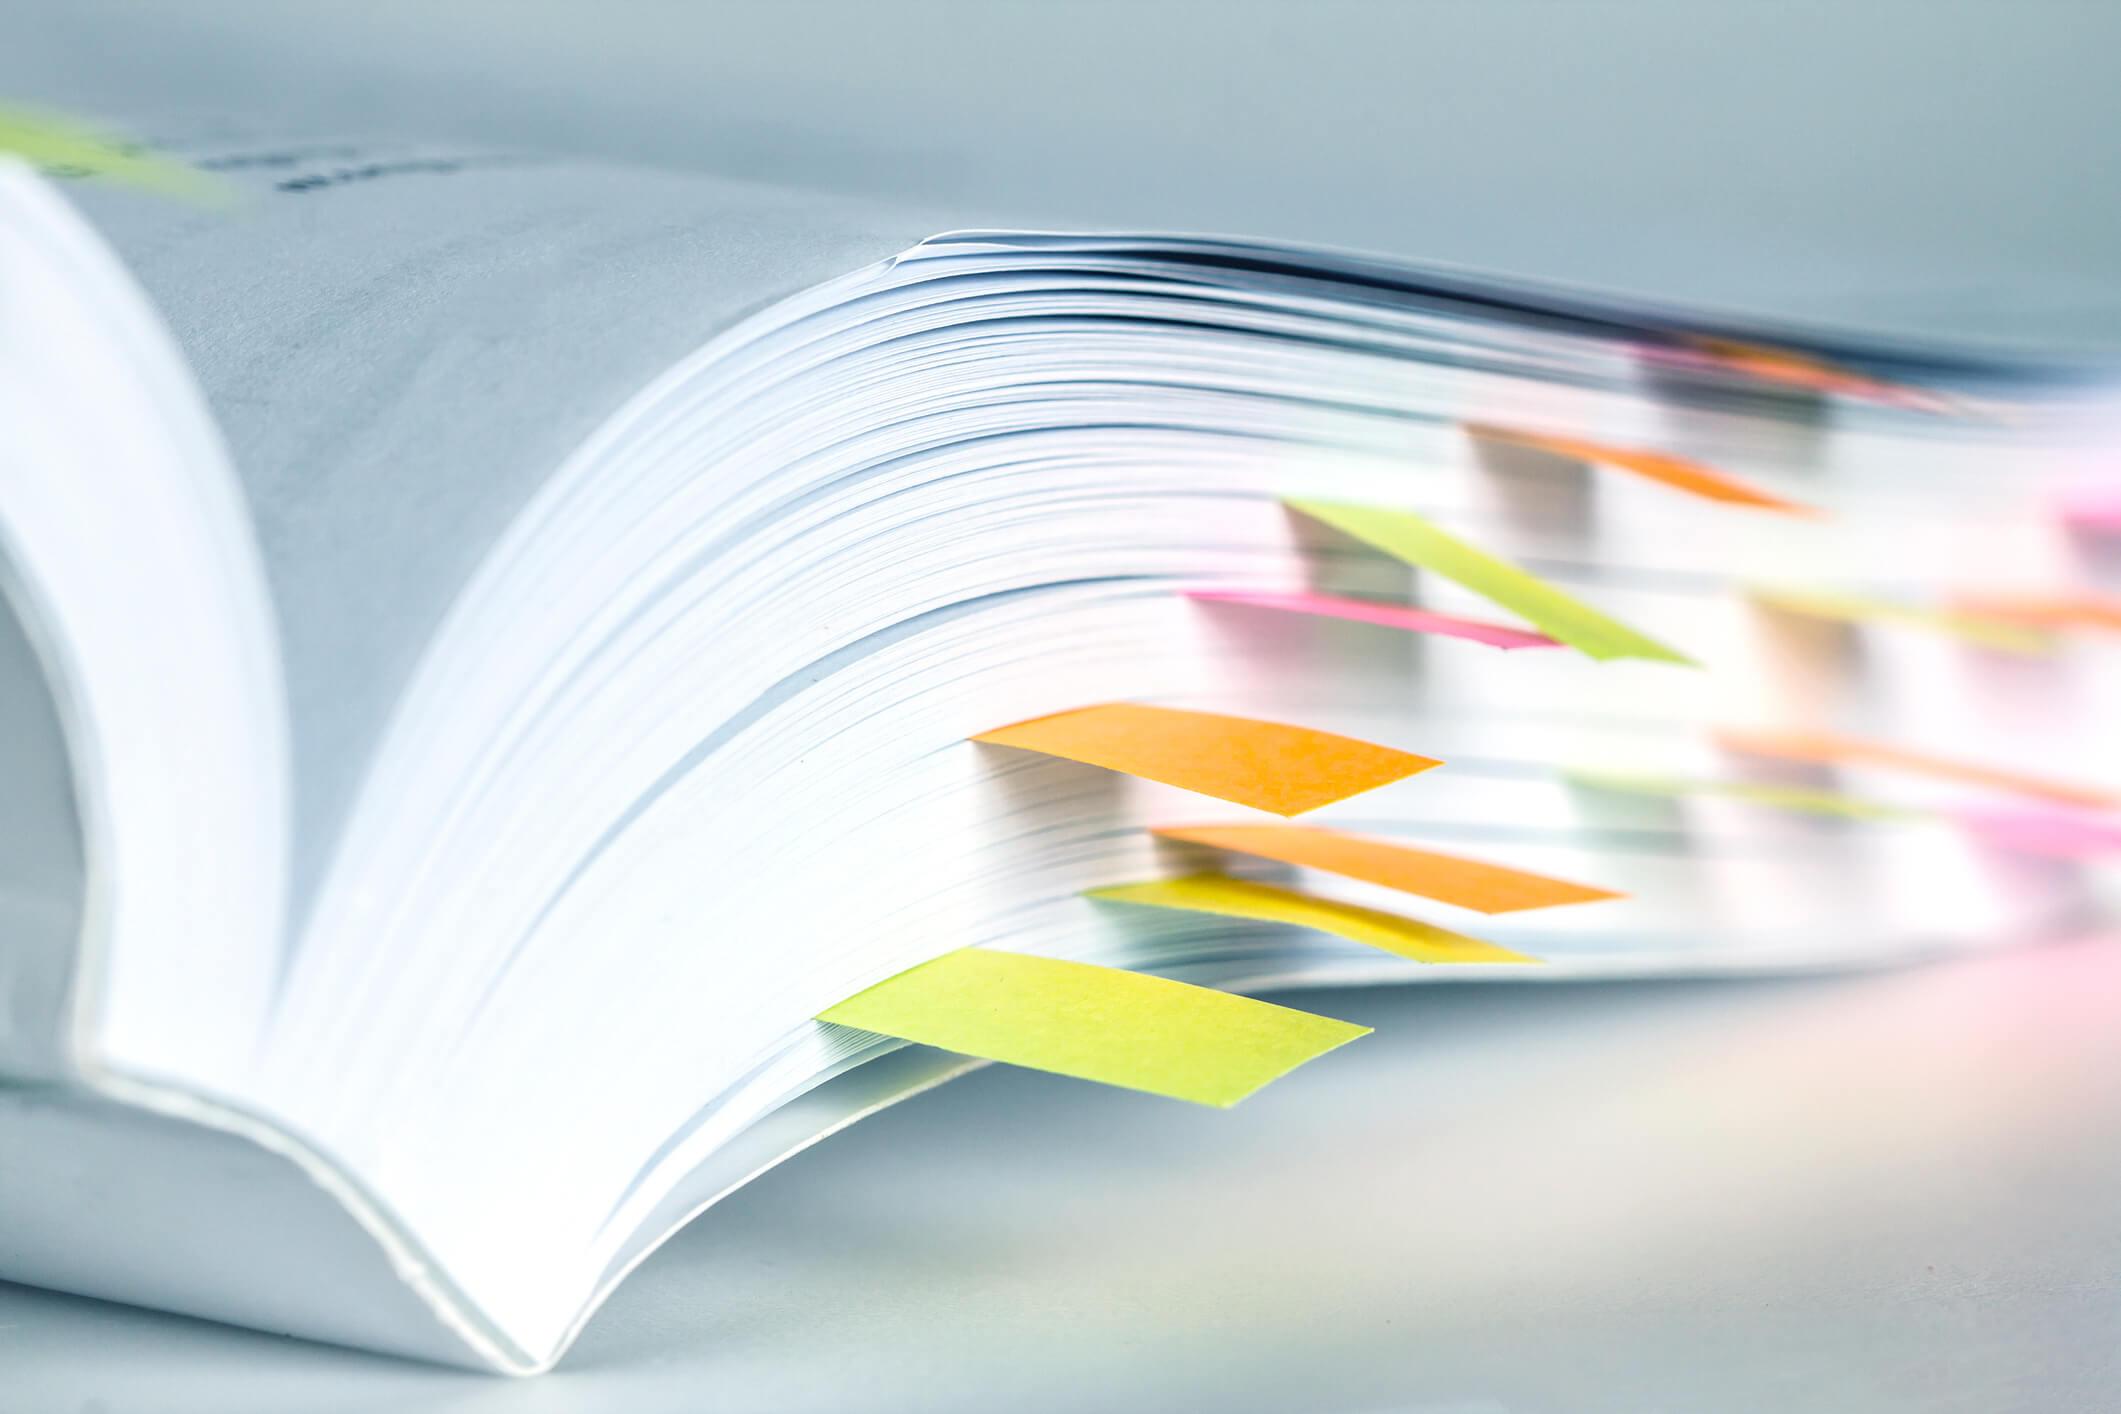 マニュアル(業務手順書)の作成方法とうまく運用するため6つのコツ